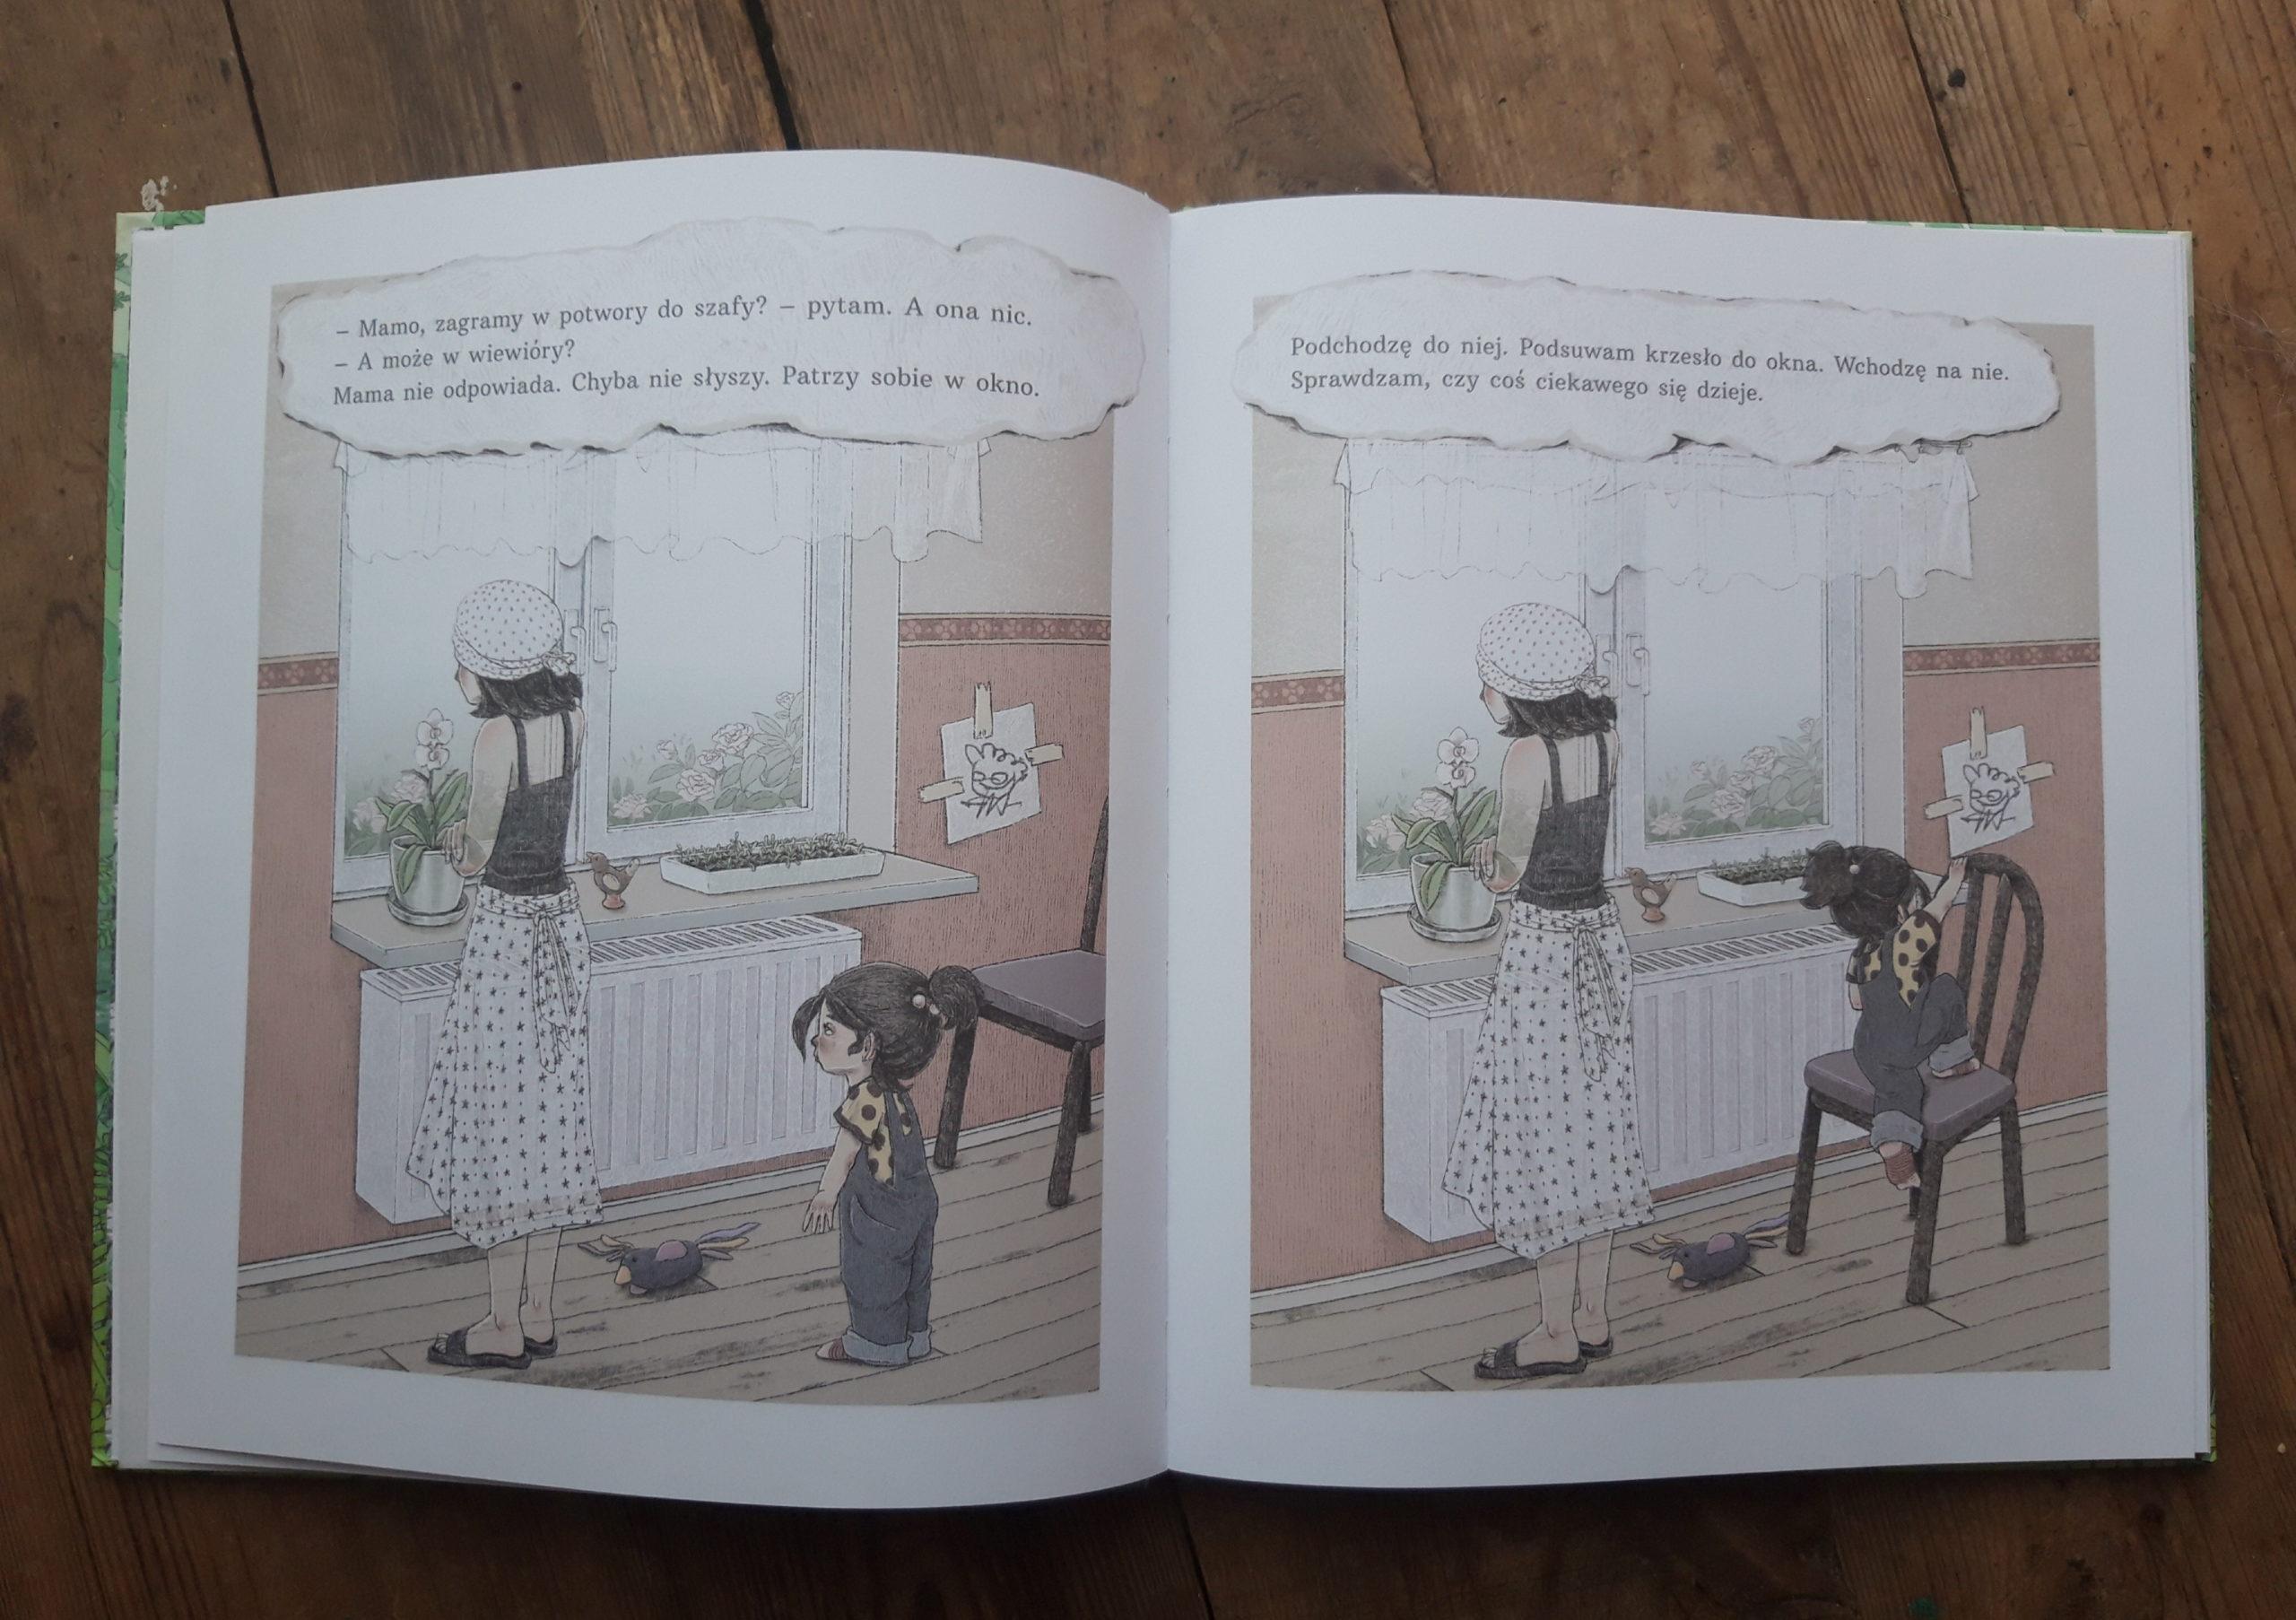 Zniknięcie książka dla dzieci o żałobie